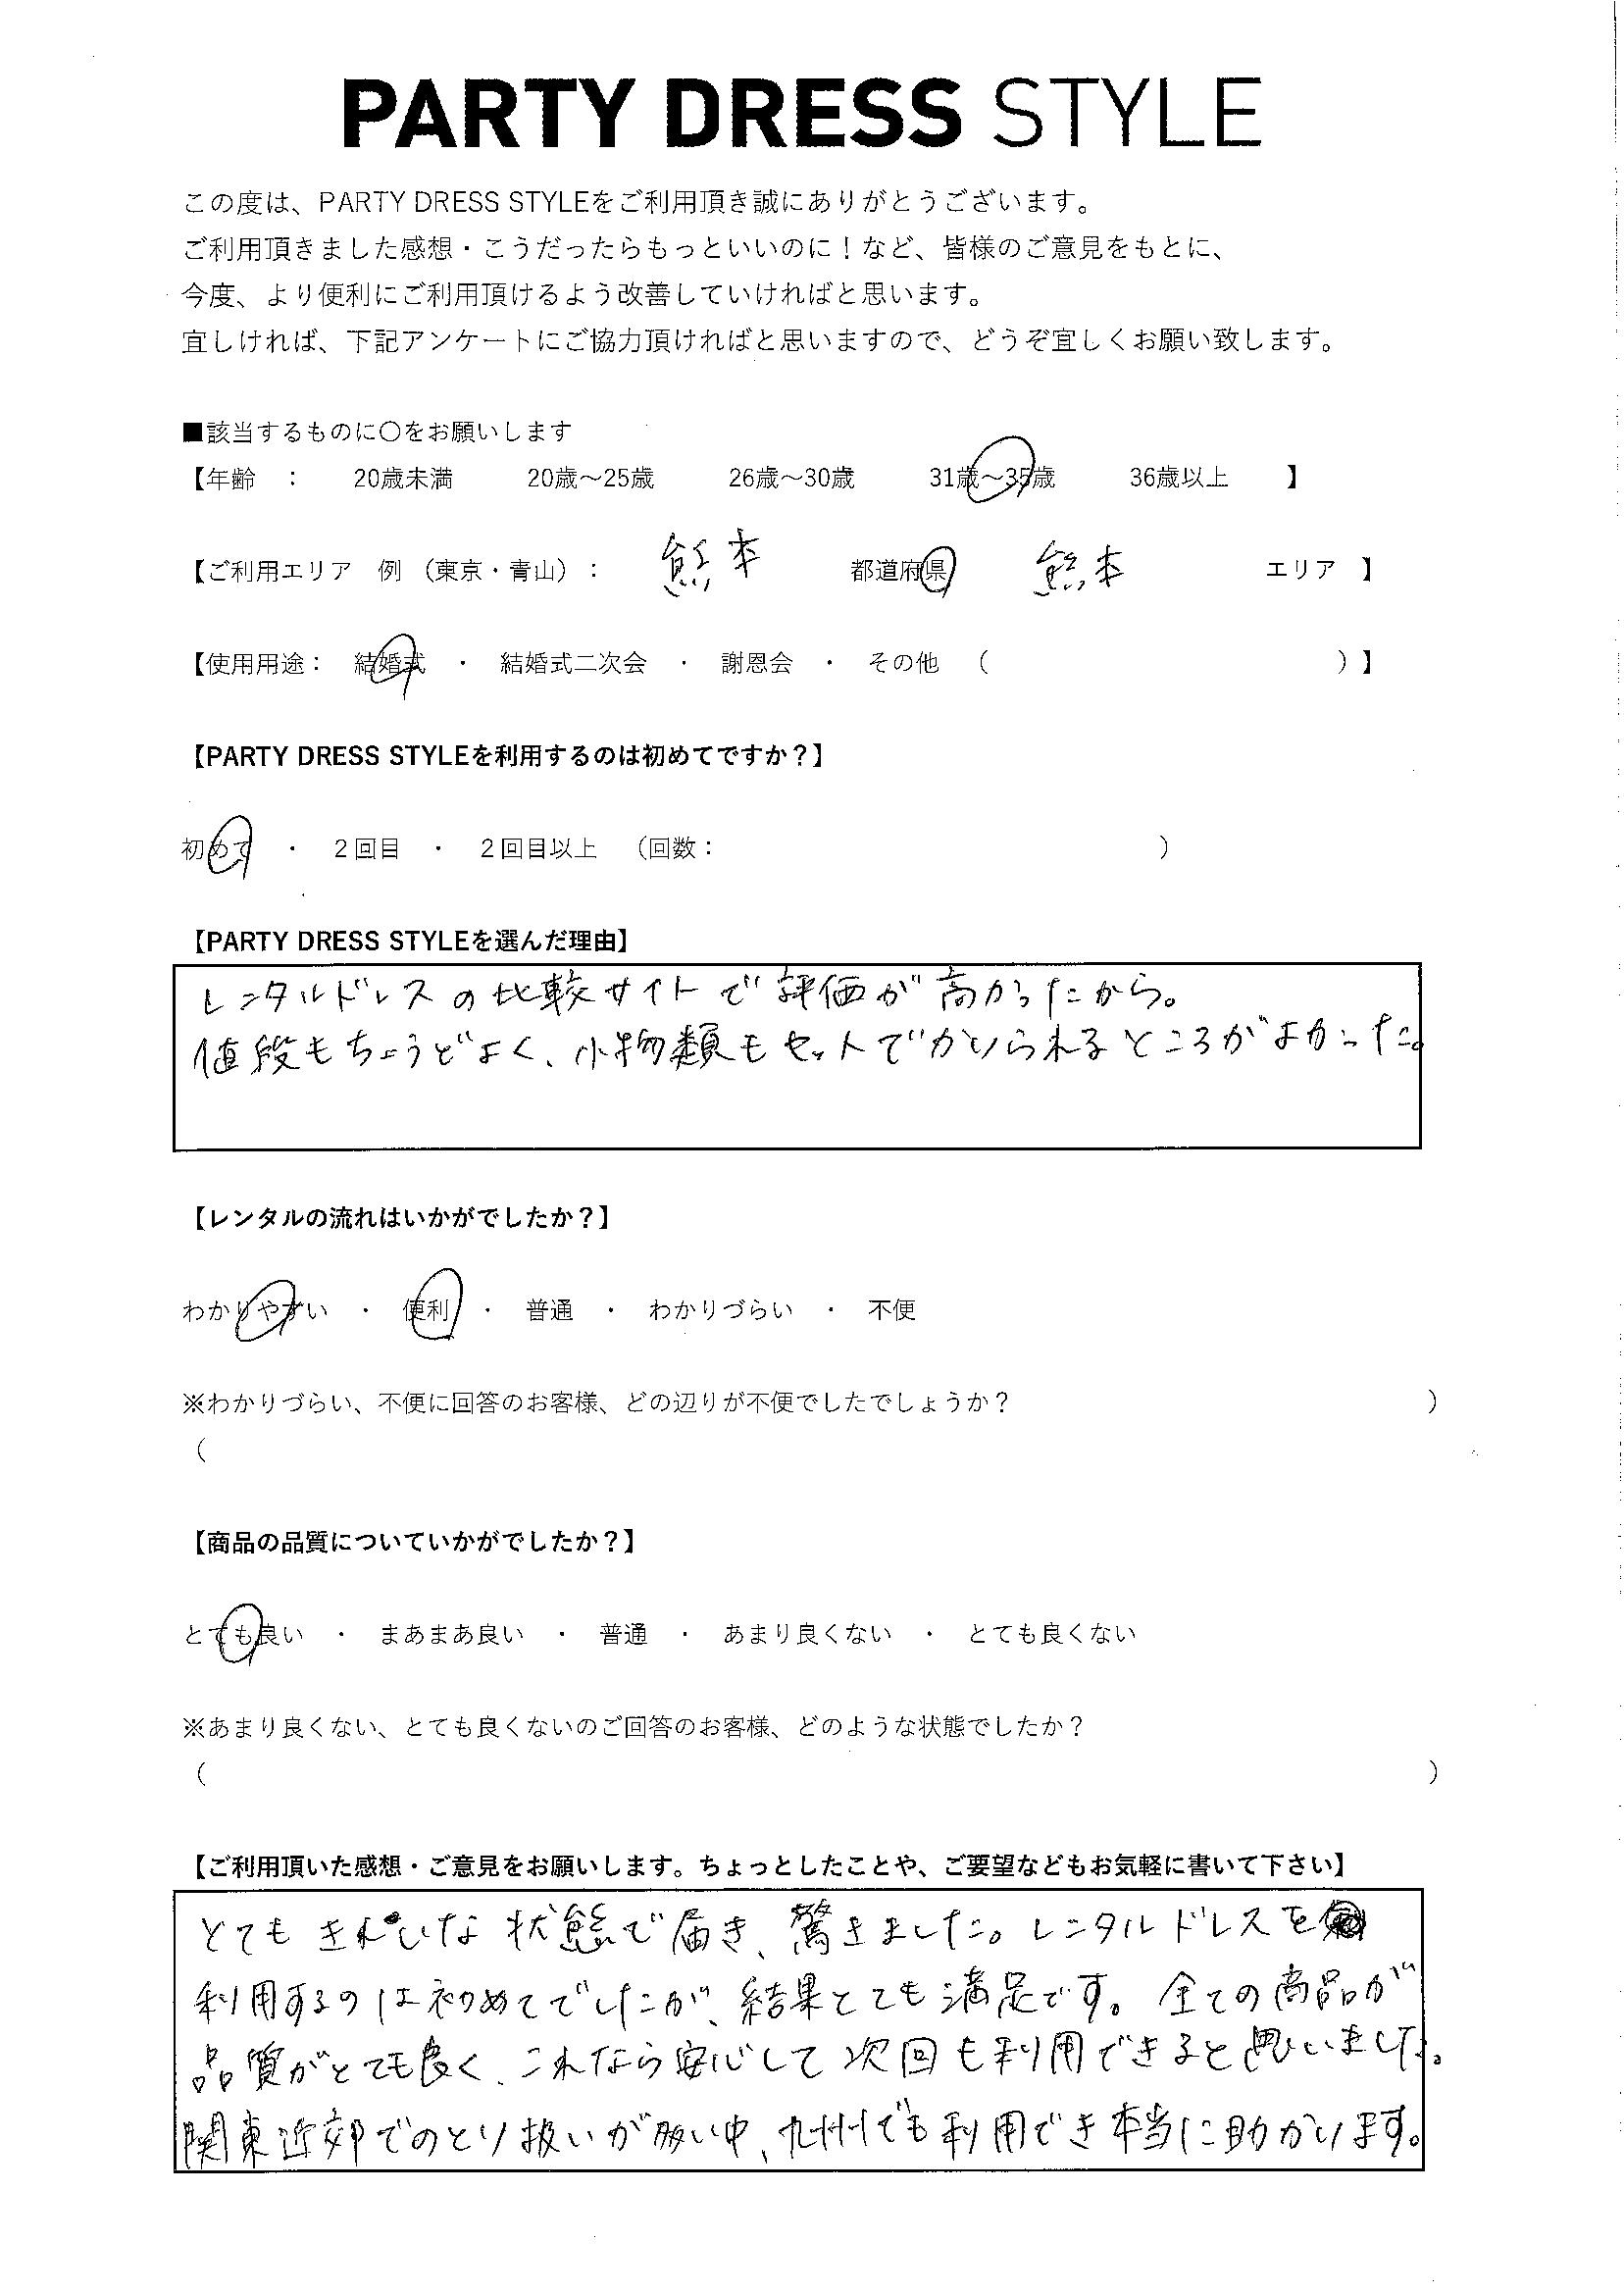 9/24結婚式 熊本県利用